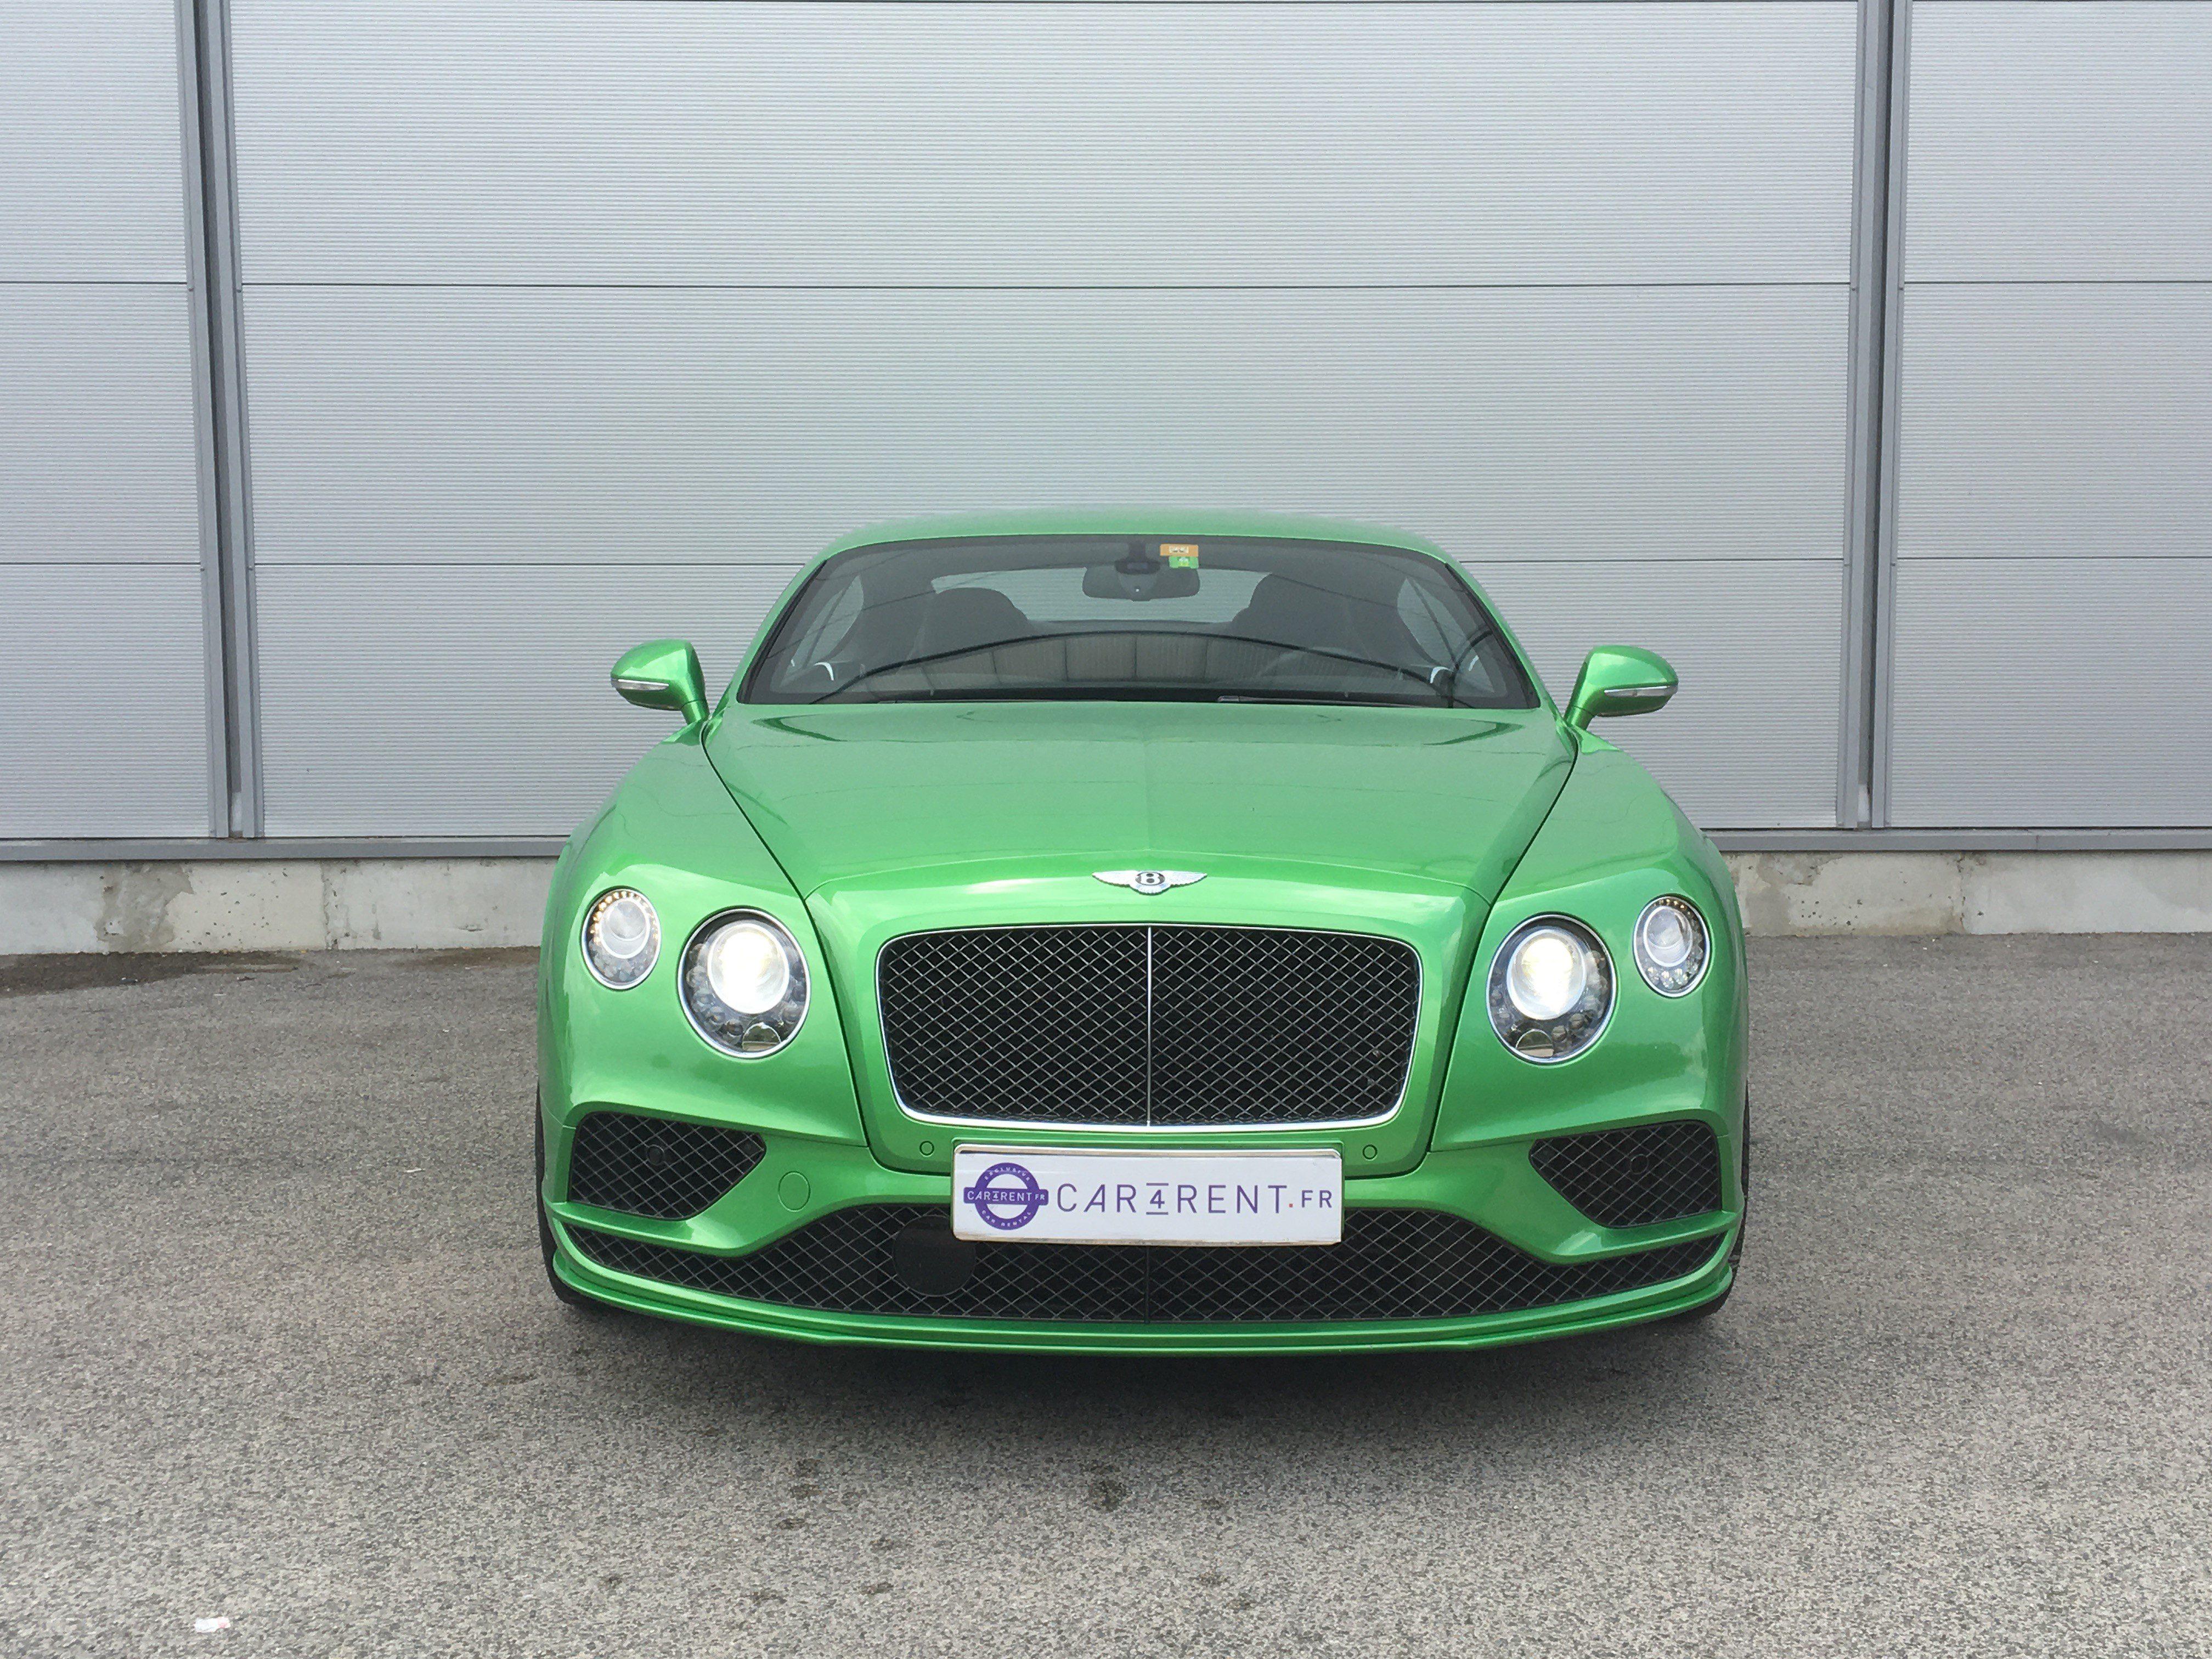 Car4rent Cannes Bentley speed